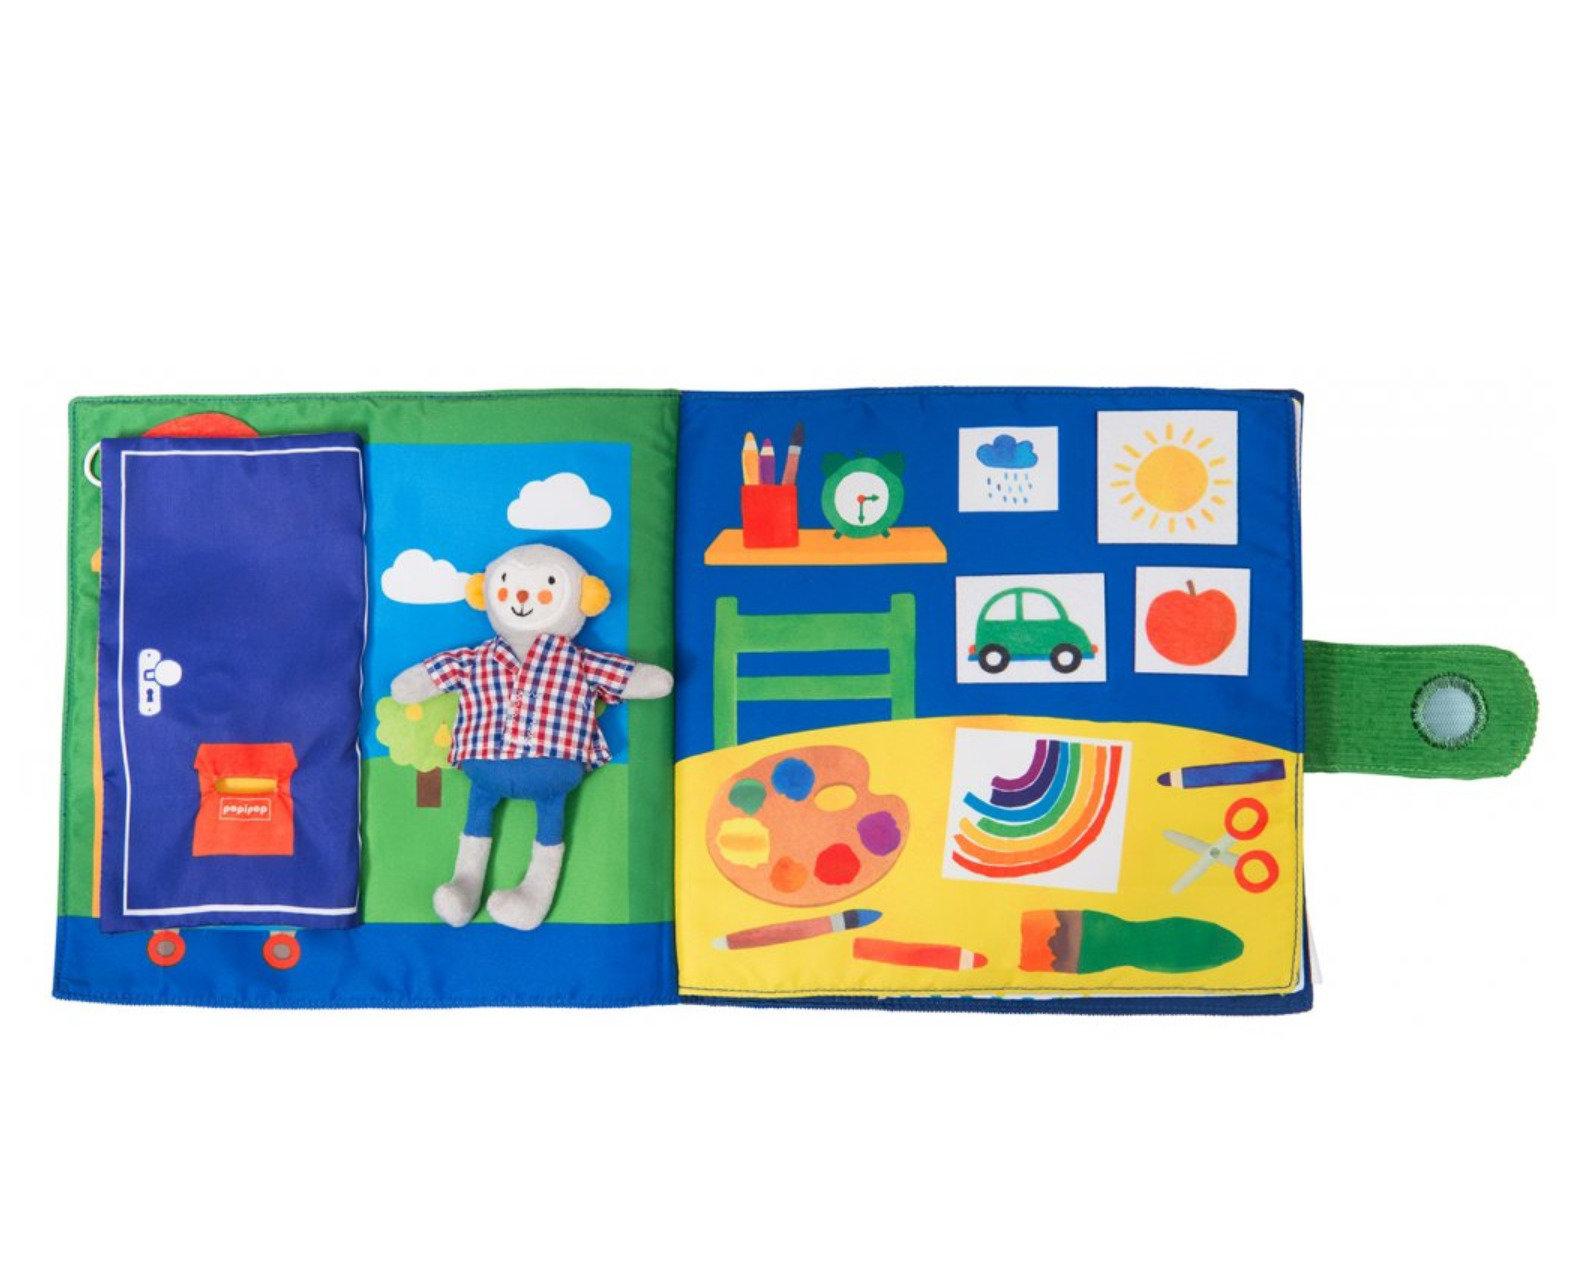 Obrázek Látková interaktivní kniha Jdeme spát